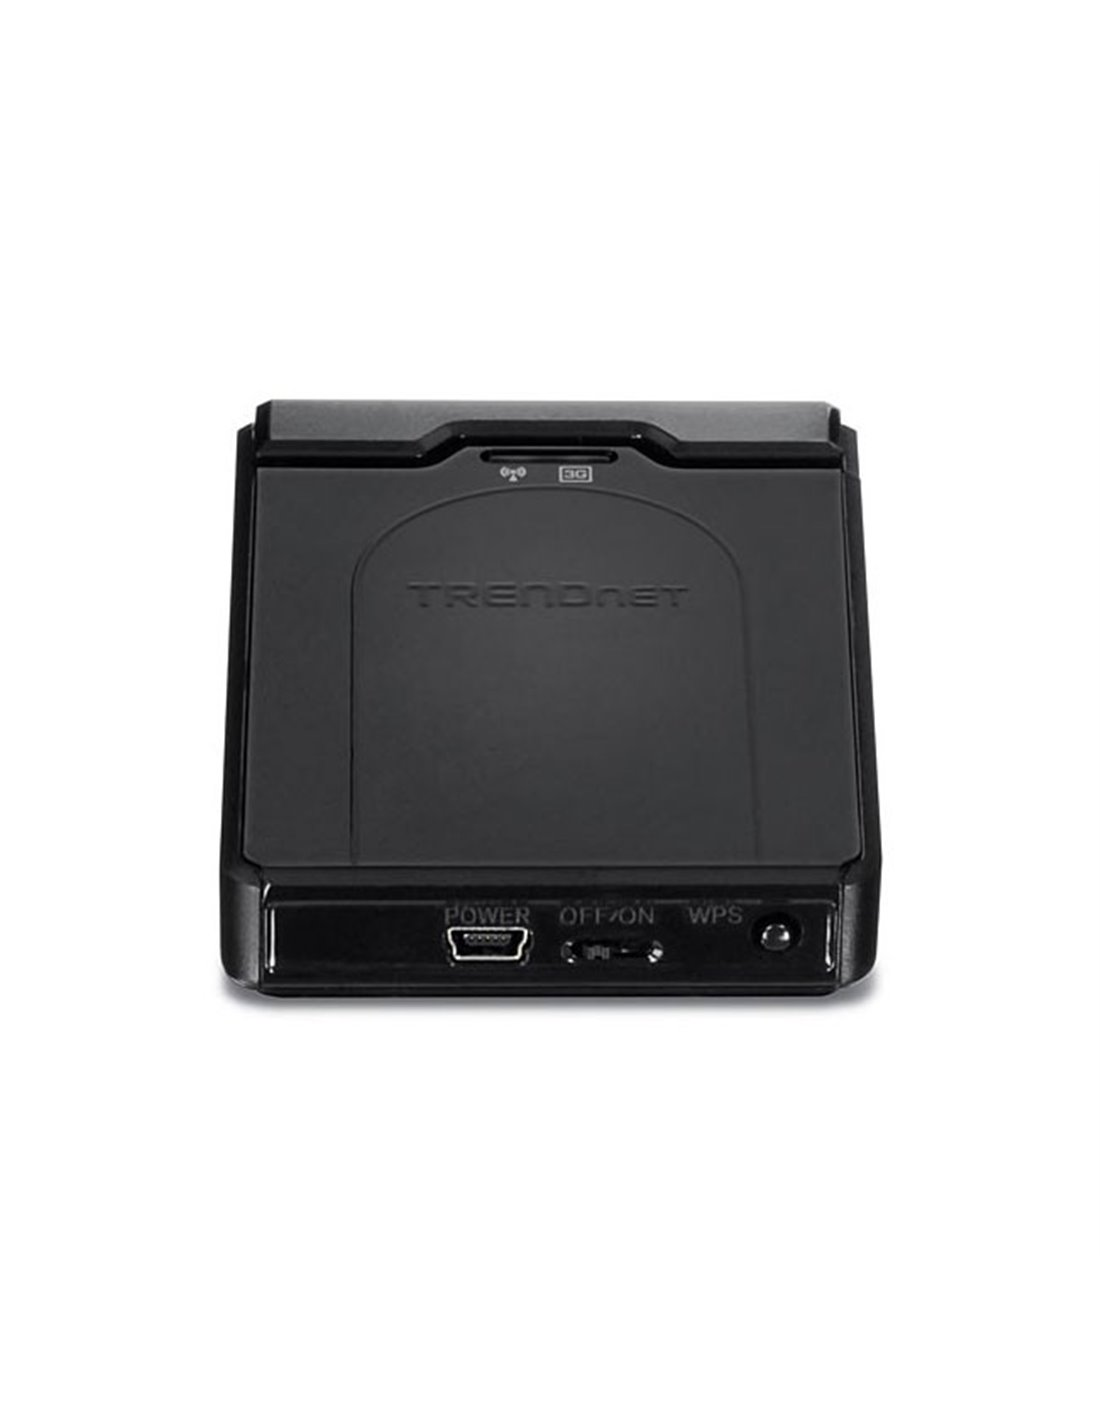 Epson Inkjet L1800 Printer - Gjergji Kompjuter